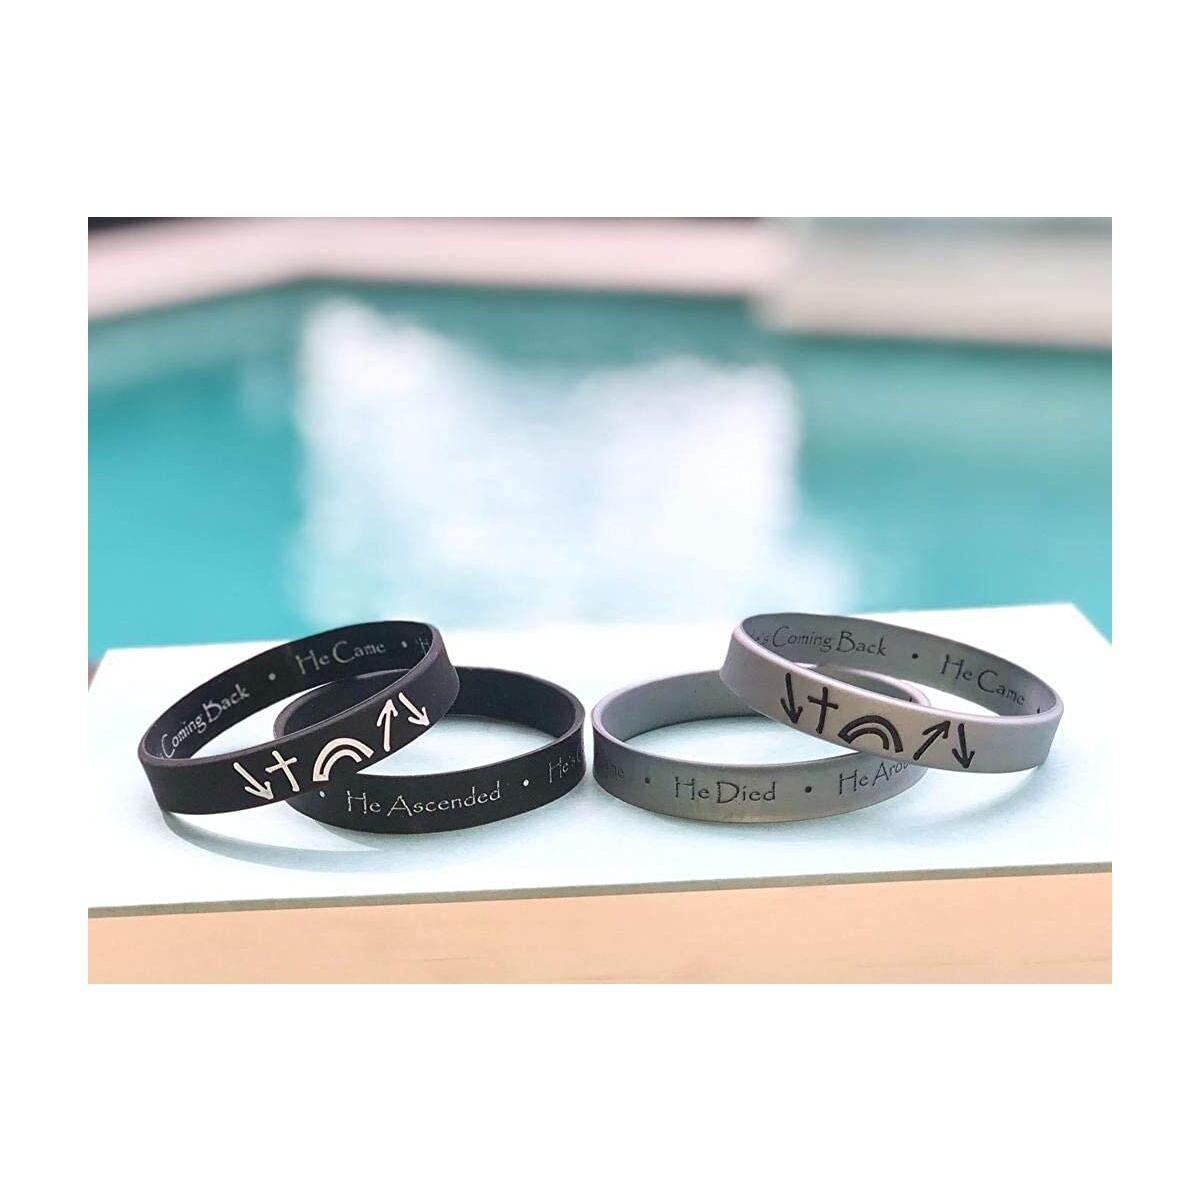 Christian Inspirational Bracelet Wristbands, Religious Easter Gifts for Men, Women, Teens - Reversible Bible Bracelets - John 3:16, Gospel Message, Gifts for Churches…